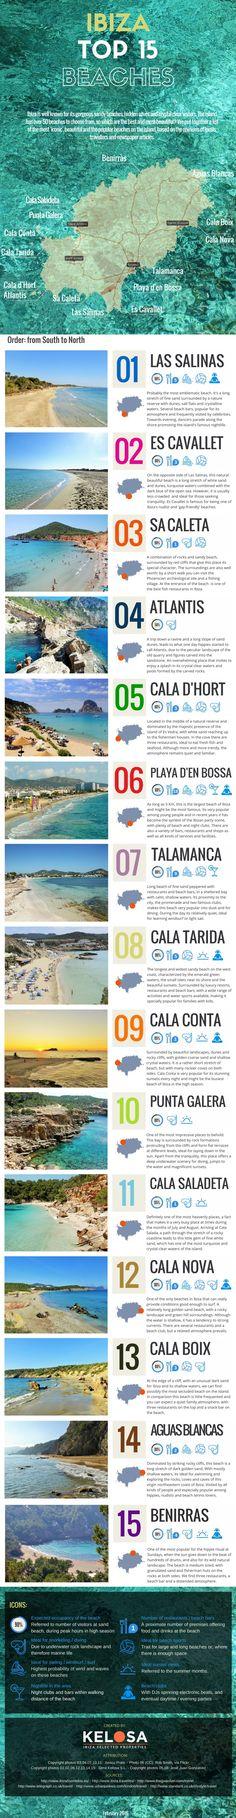 Ibiza's Top 15 Beaches